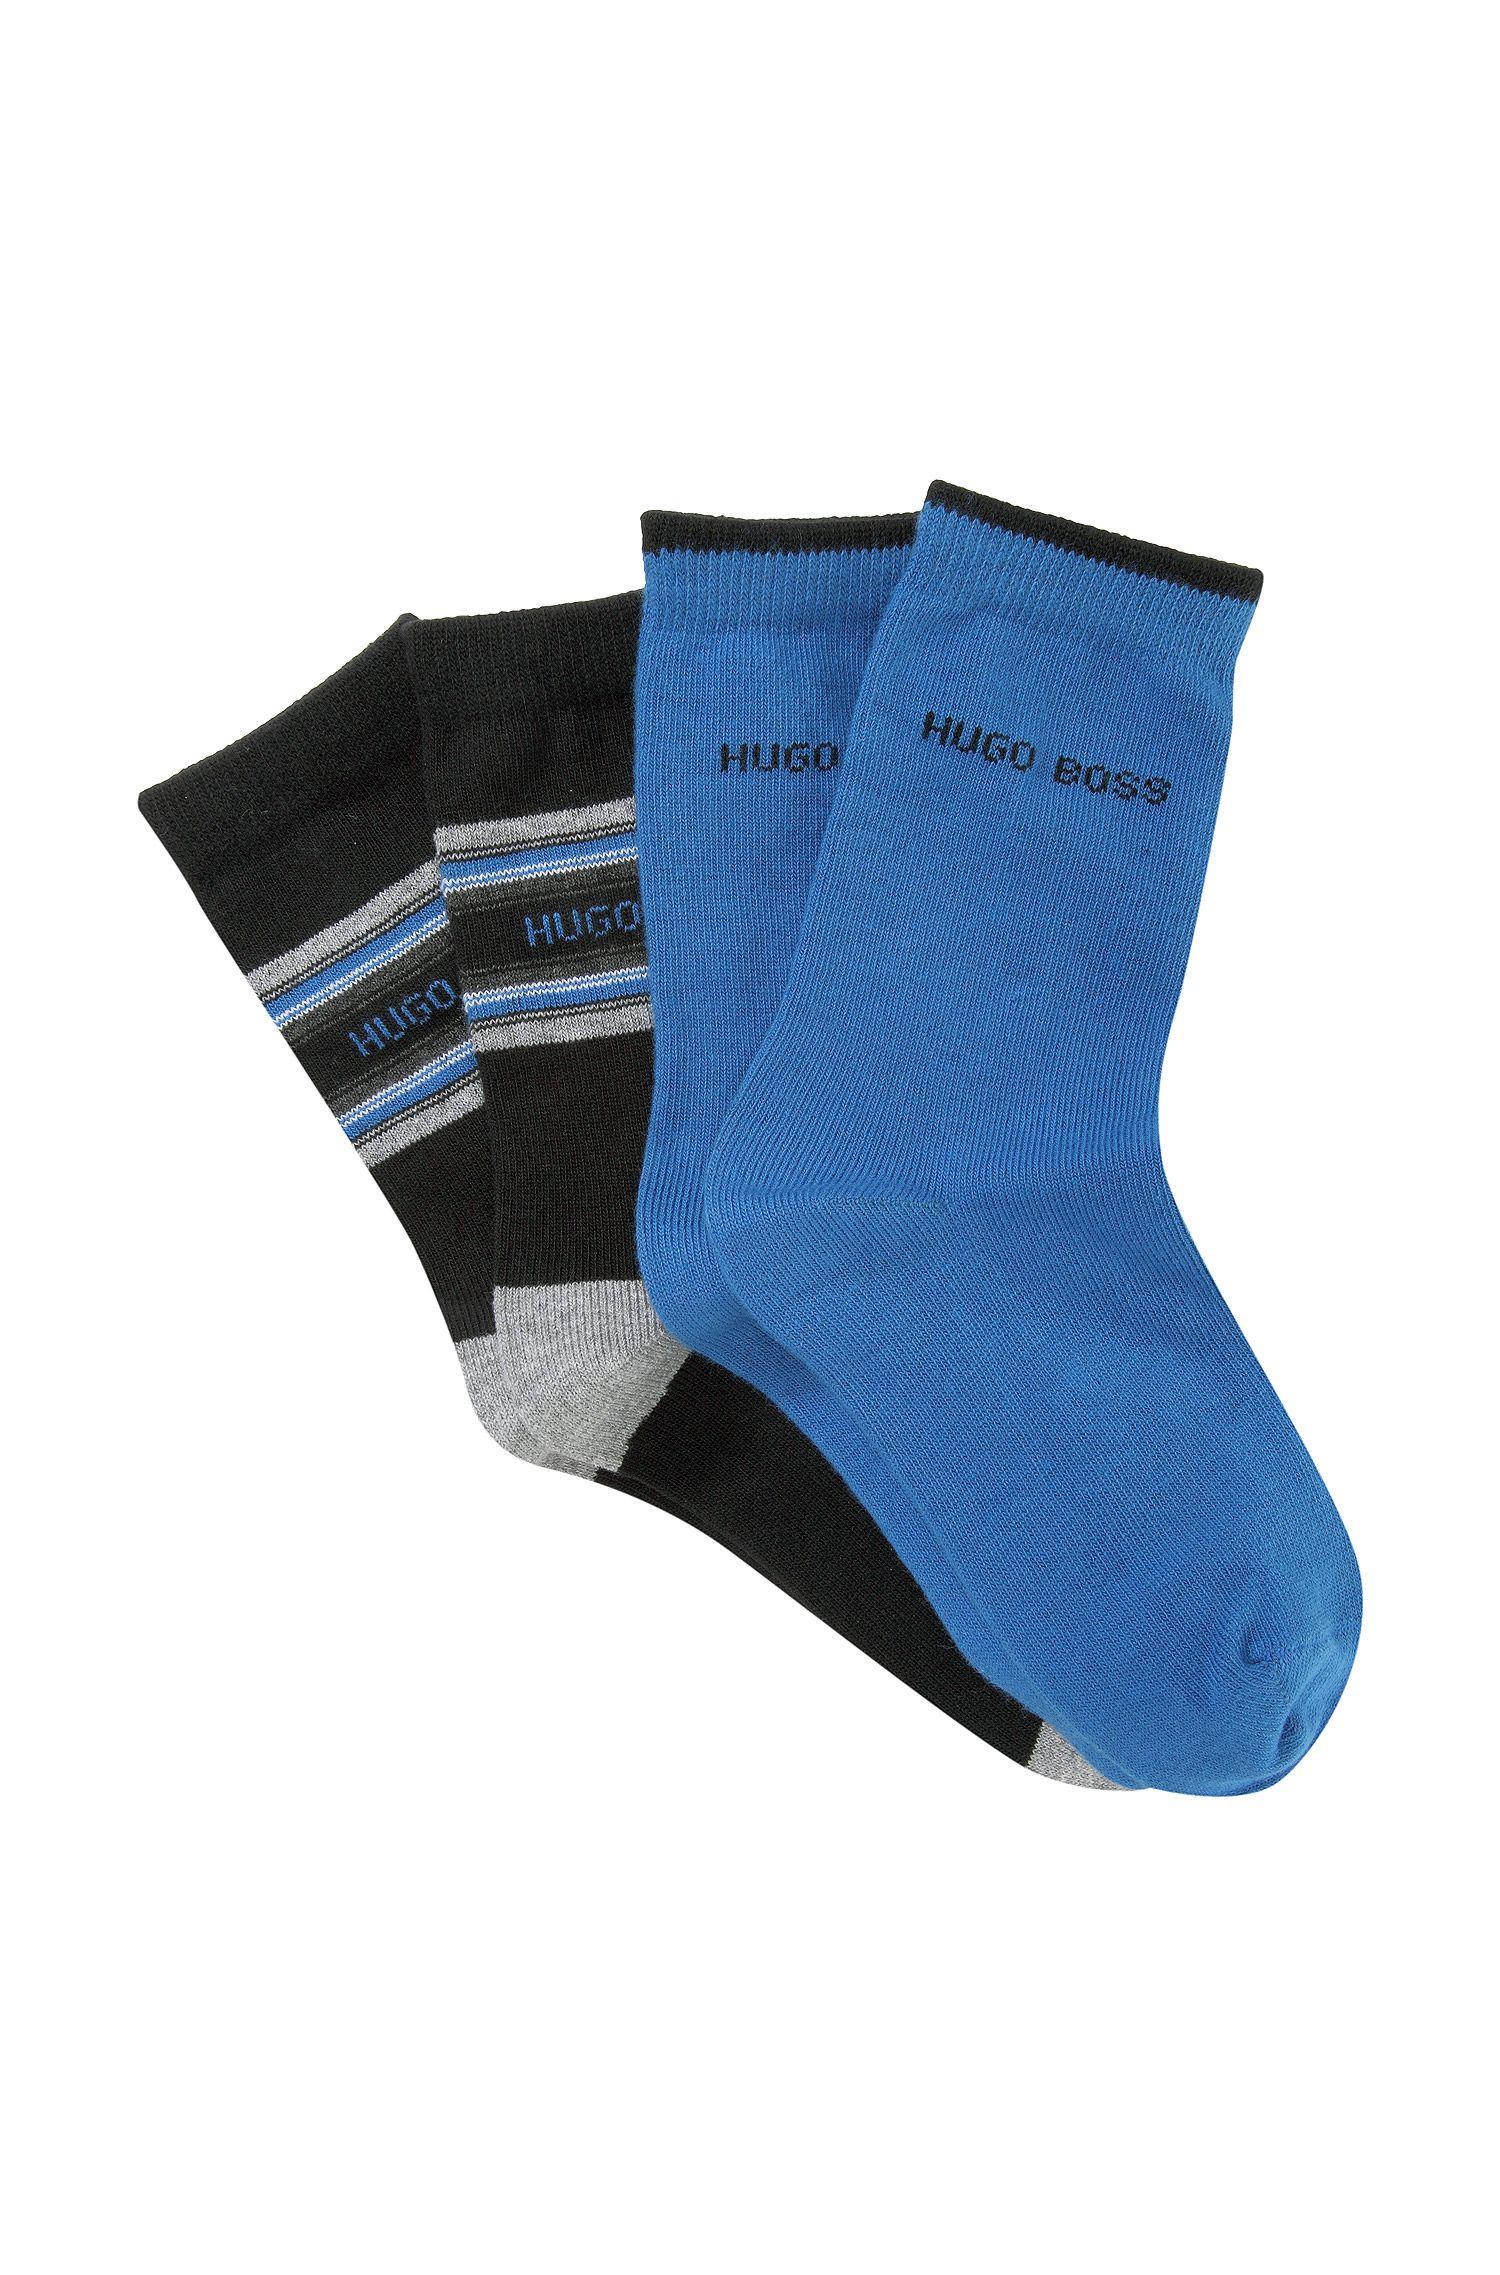 Lot de 2paires de chaussettes pour enfants «J20135/862» en coton mélangé